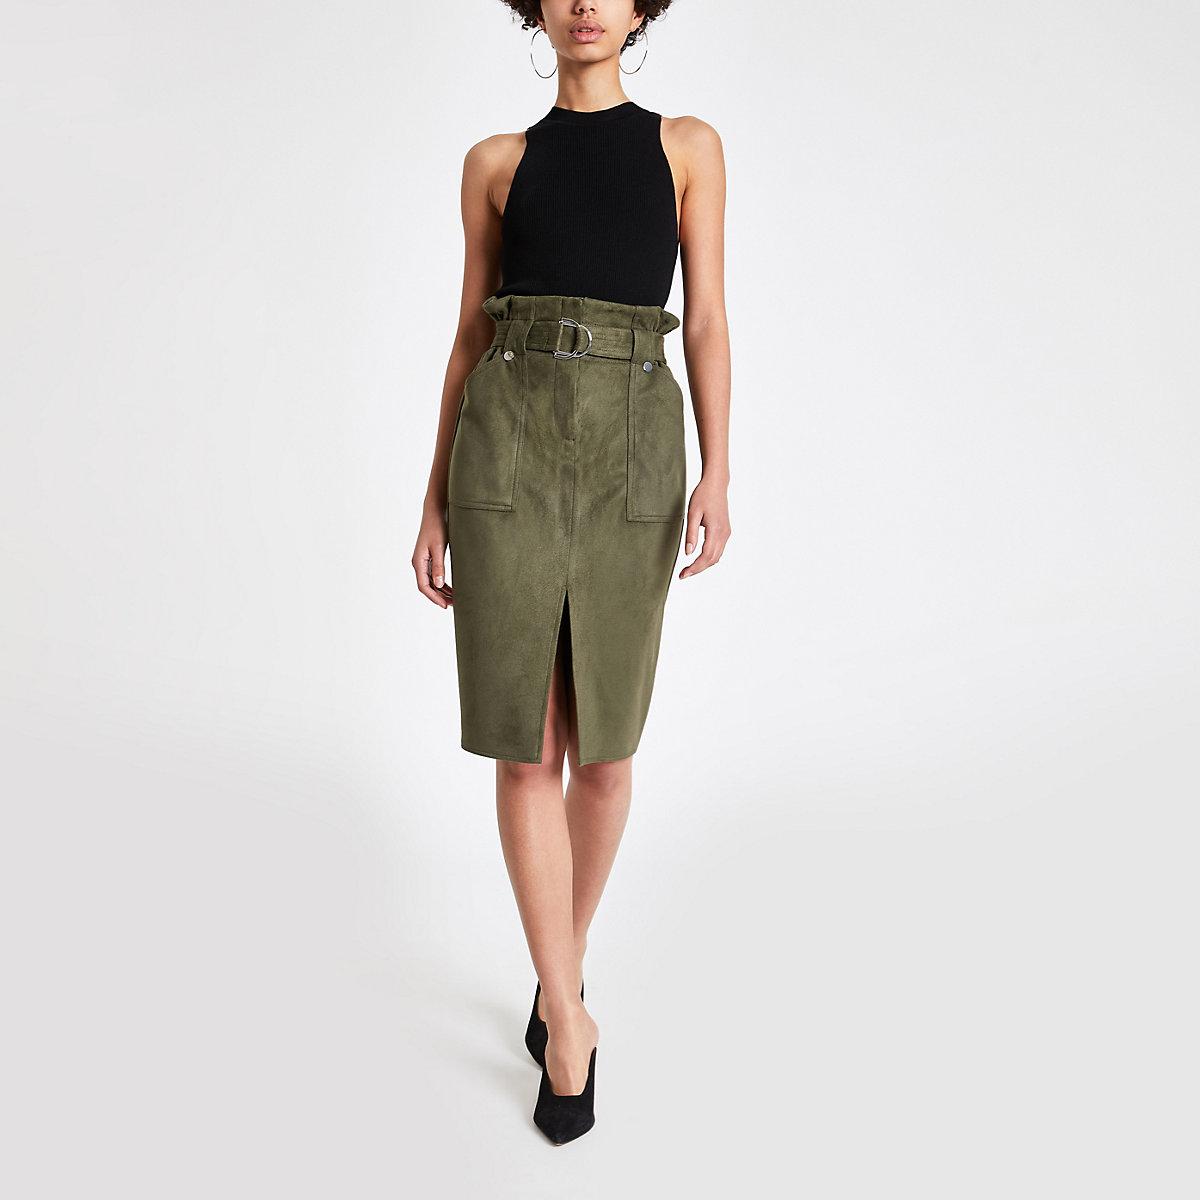 Khaki faux suede paperbag pencil skirt